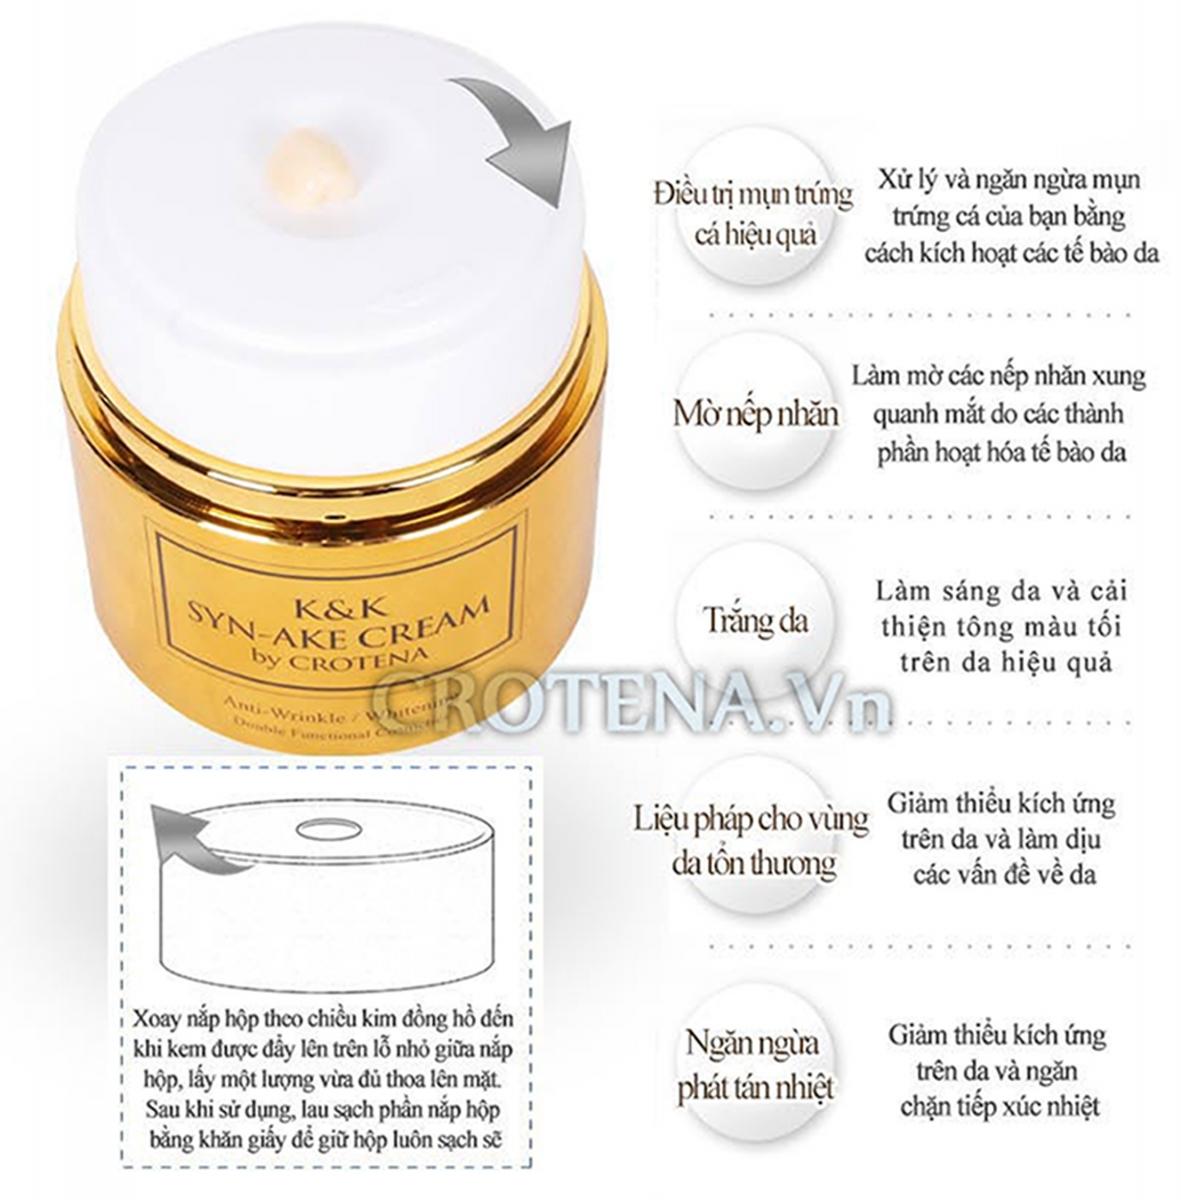 Thiết kế bao bì thông minh, sang trọng của Kem dưỡng trắng da chống lão hoá ban đêm Crotena Syn-Ake Cream